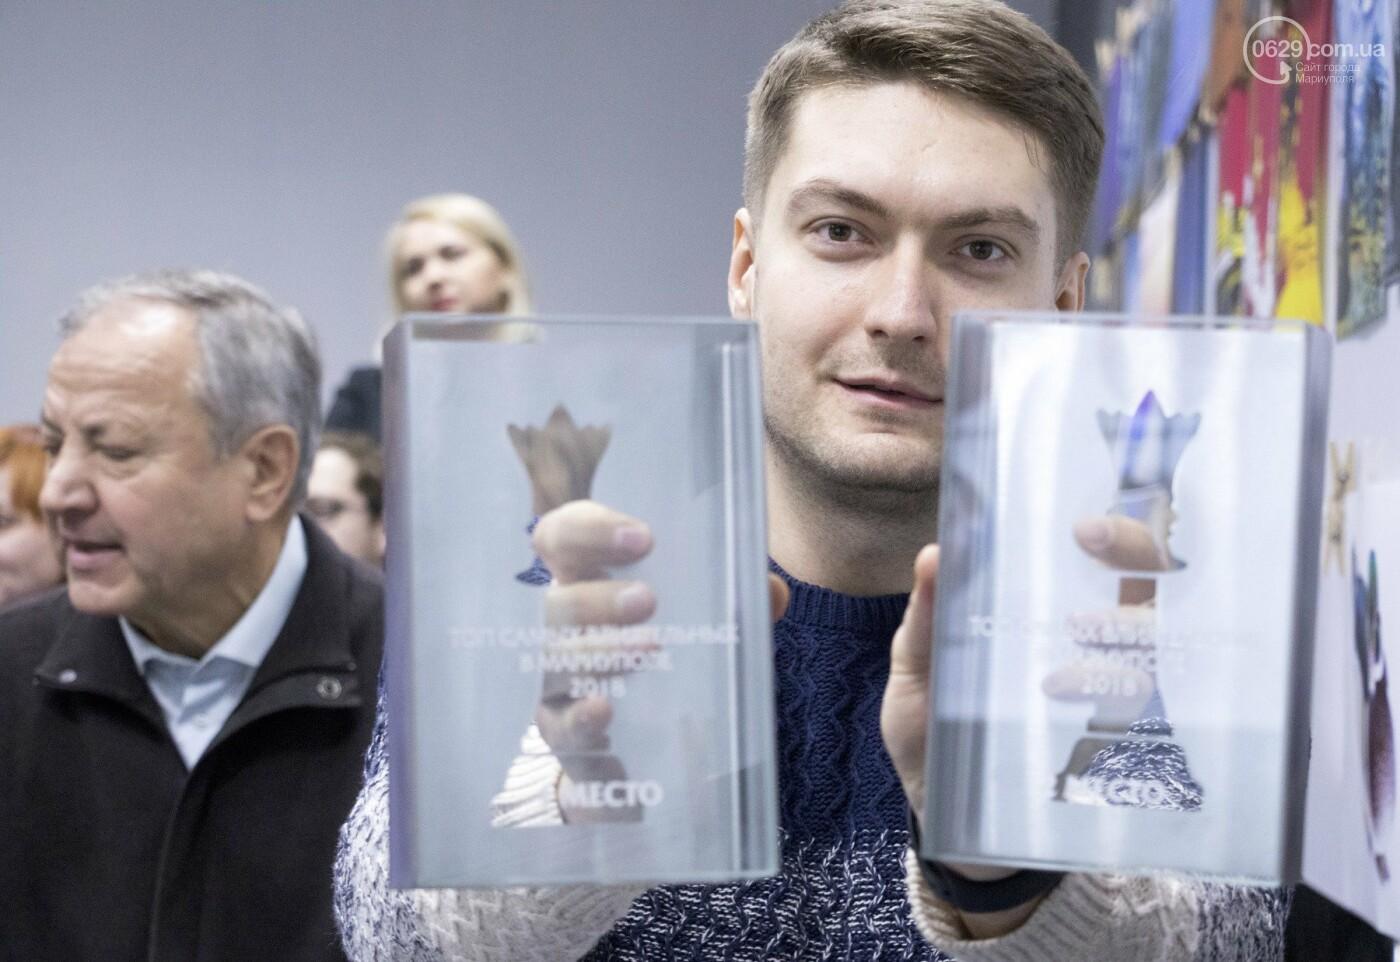 Мариупольский сайт 0629.com.ua презентовал ТОП самых влиятельных людей, - ВИДЕО, ФОТО, фото-8